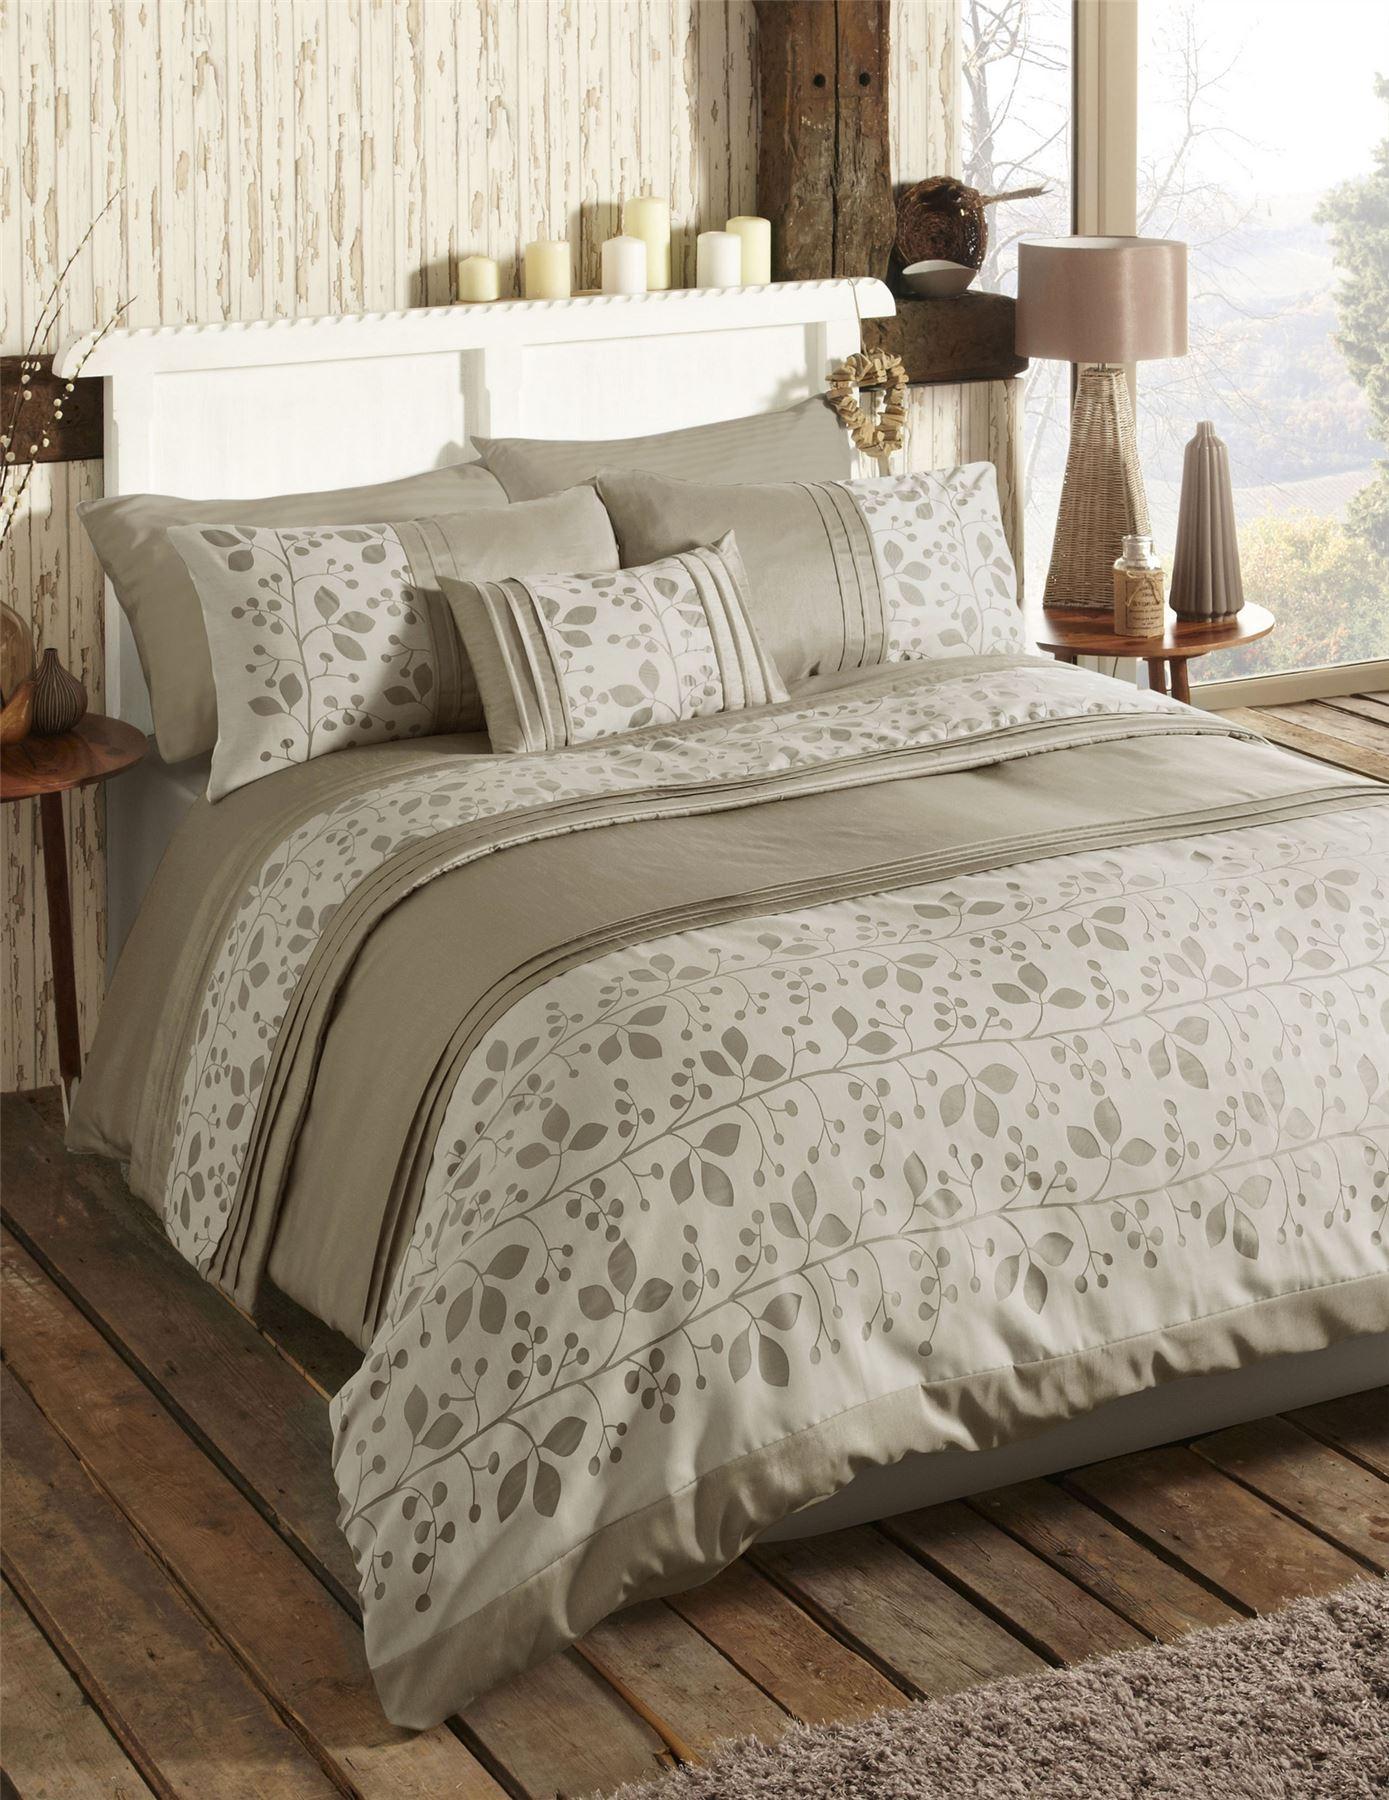 modern leaf nature themed quilt duvet cover bed sets. Black Bedroom Furniture Sets. Home Design Ideas